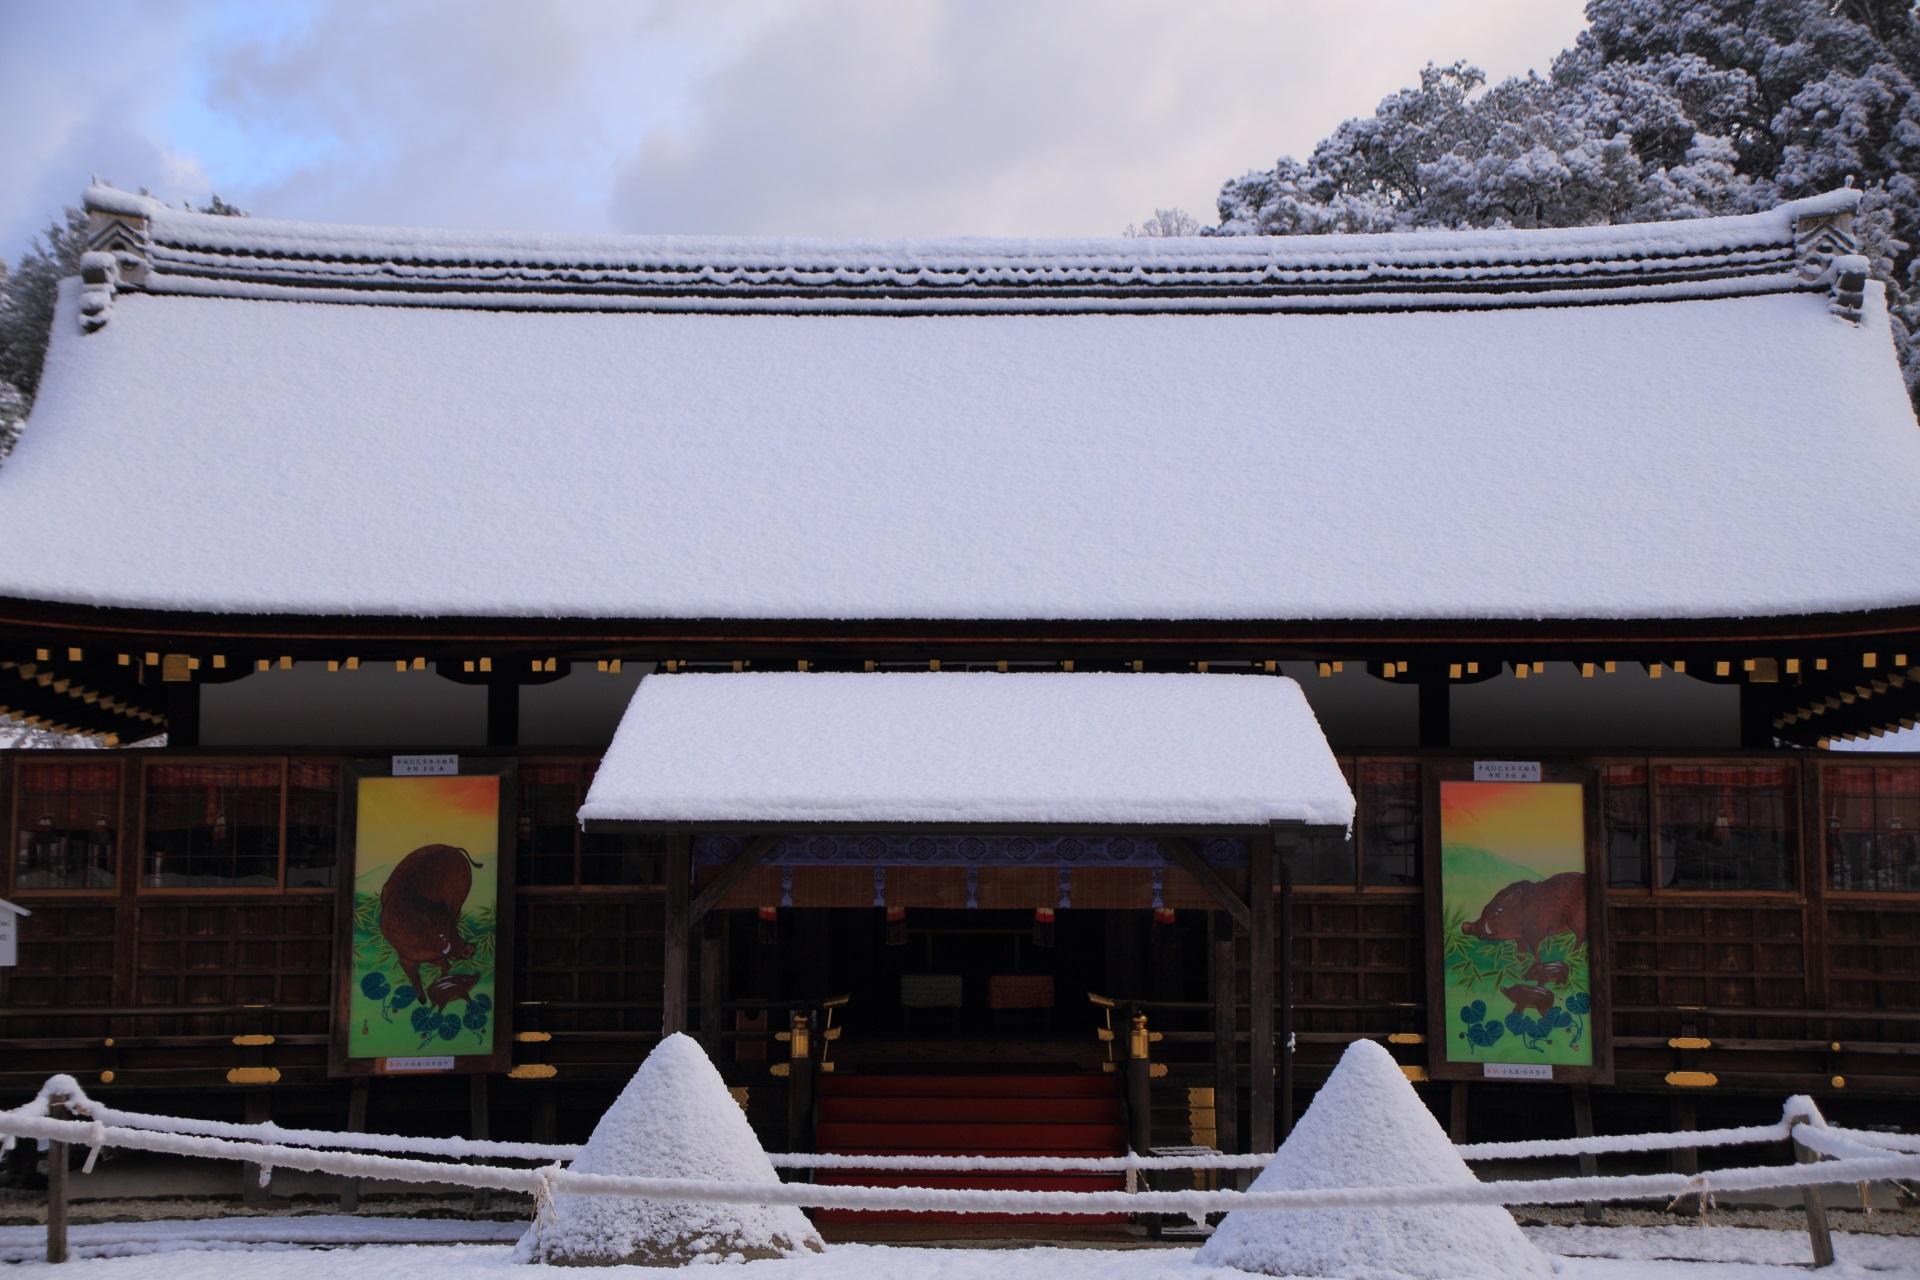 上賀茂神社の雪につつまれた細殿と立砂